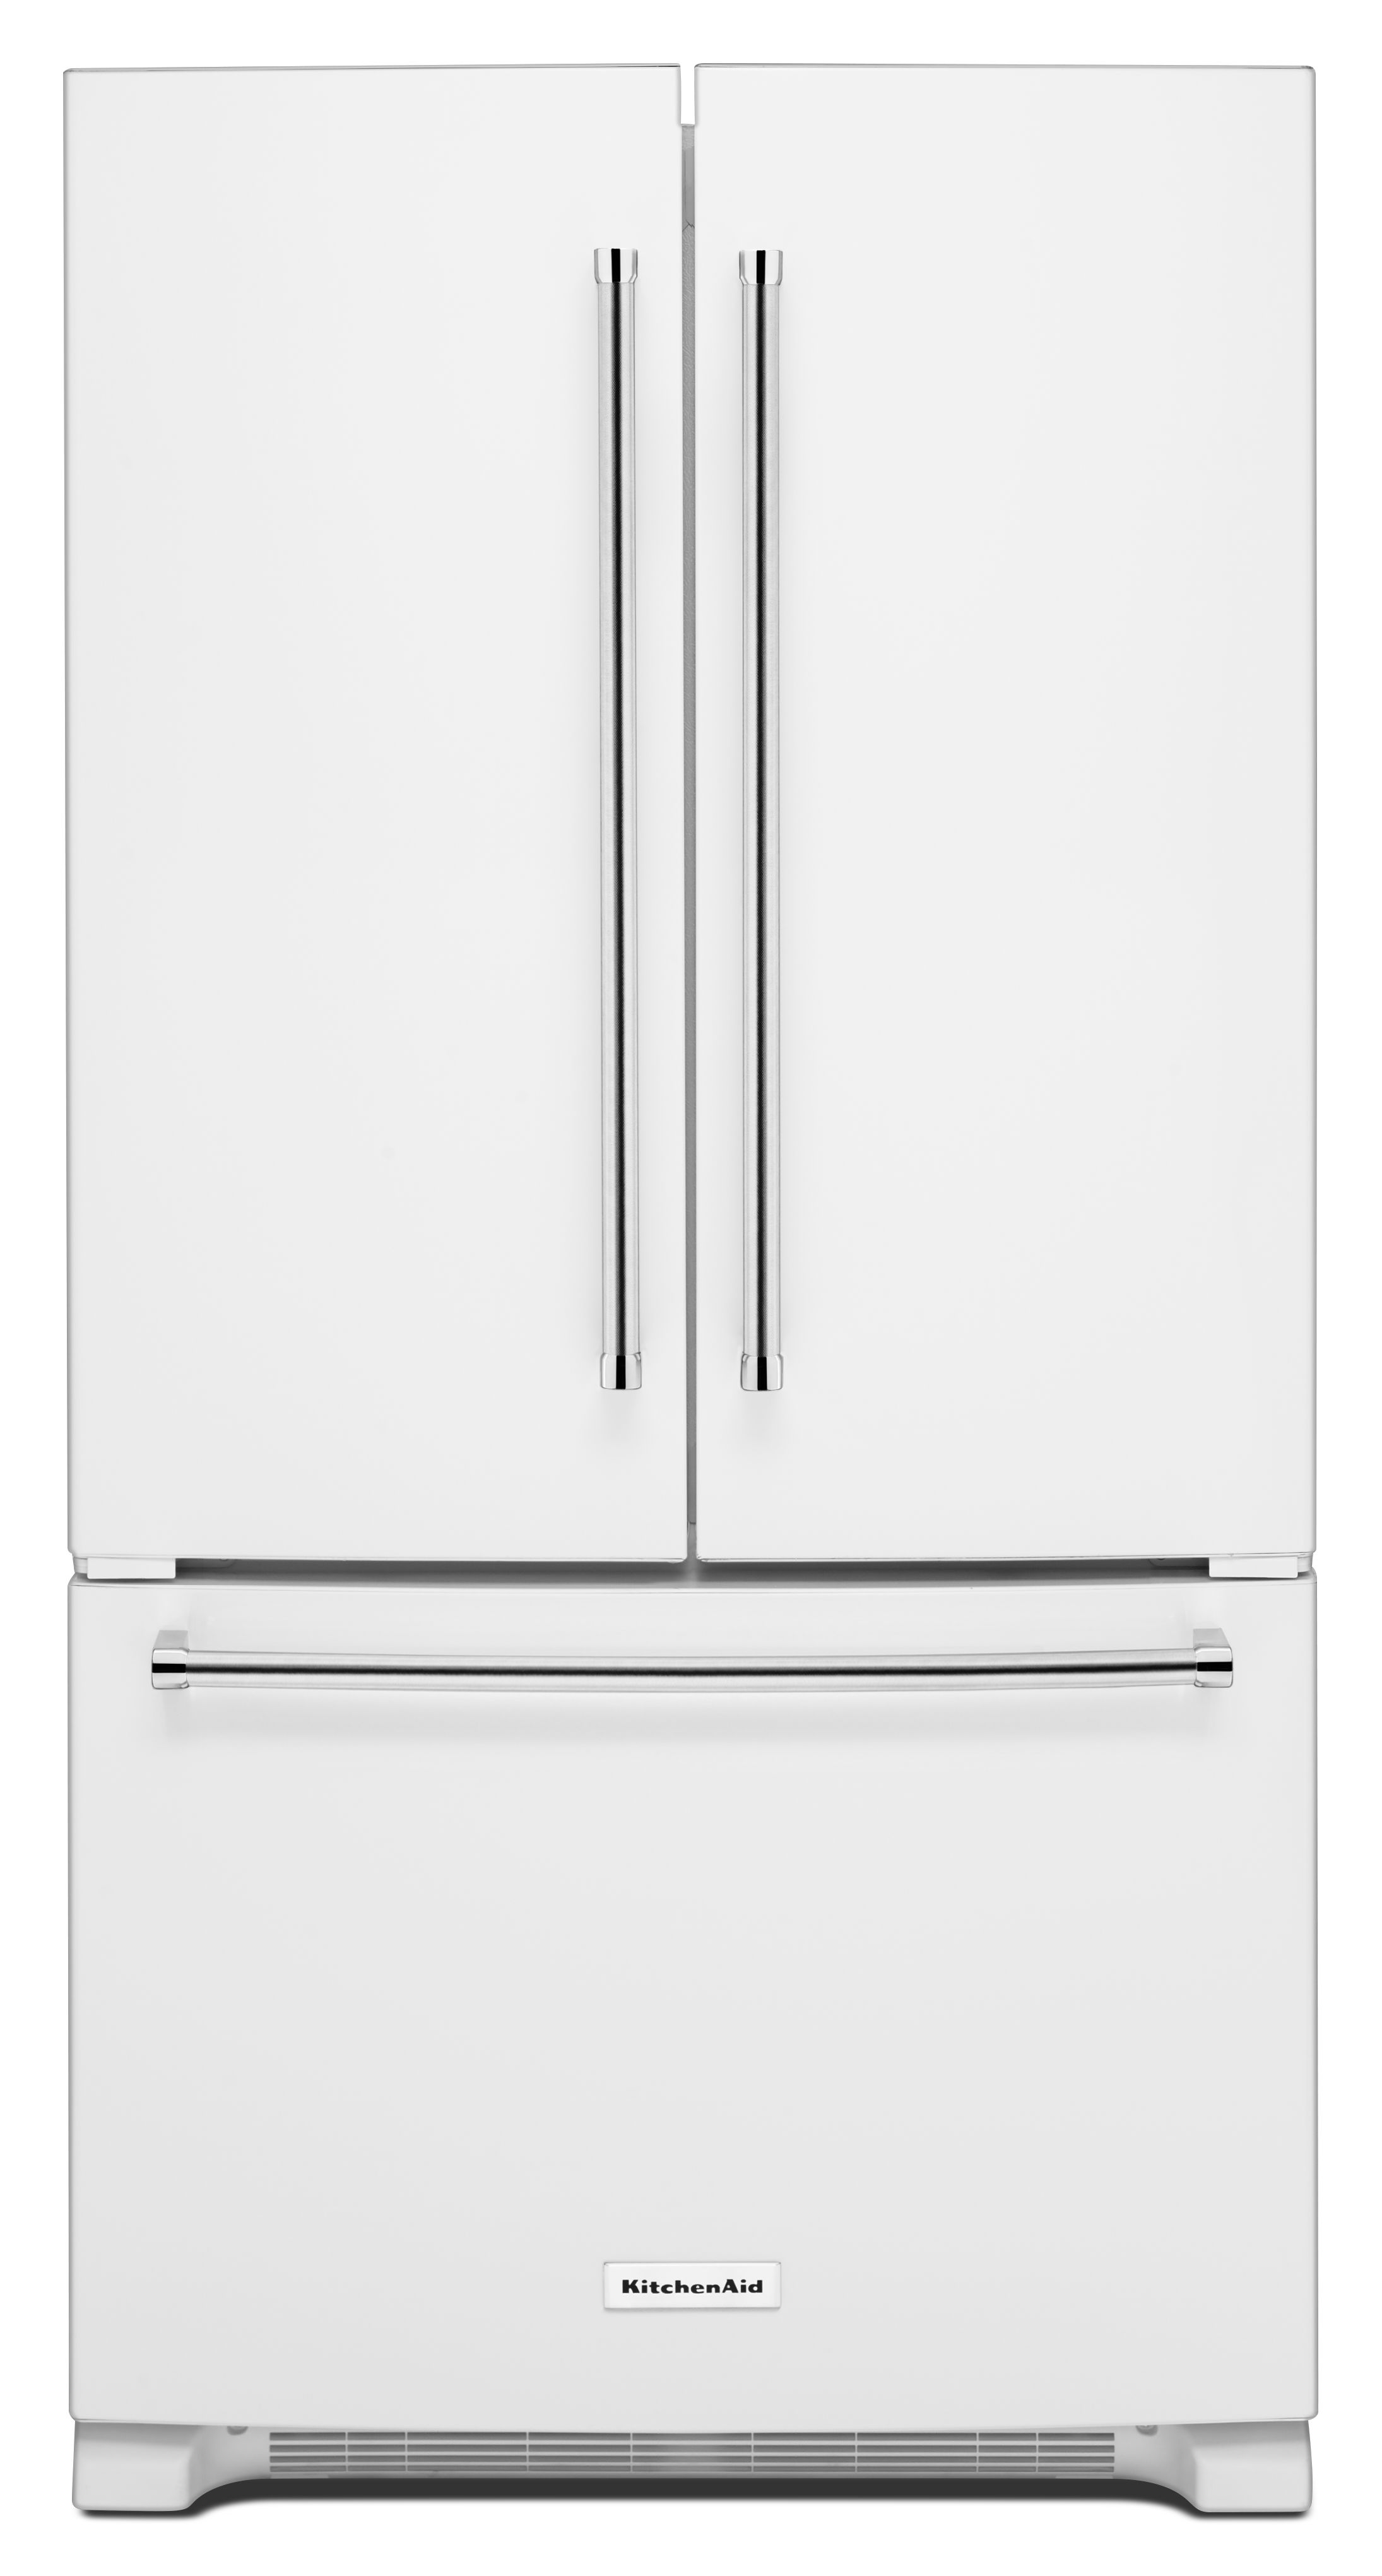 KitchenAid® 20.0 Cu. Ft. Counter Depth French Door Refrigerator White KRFC300EWH  ...